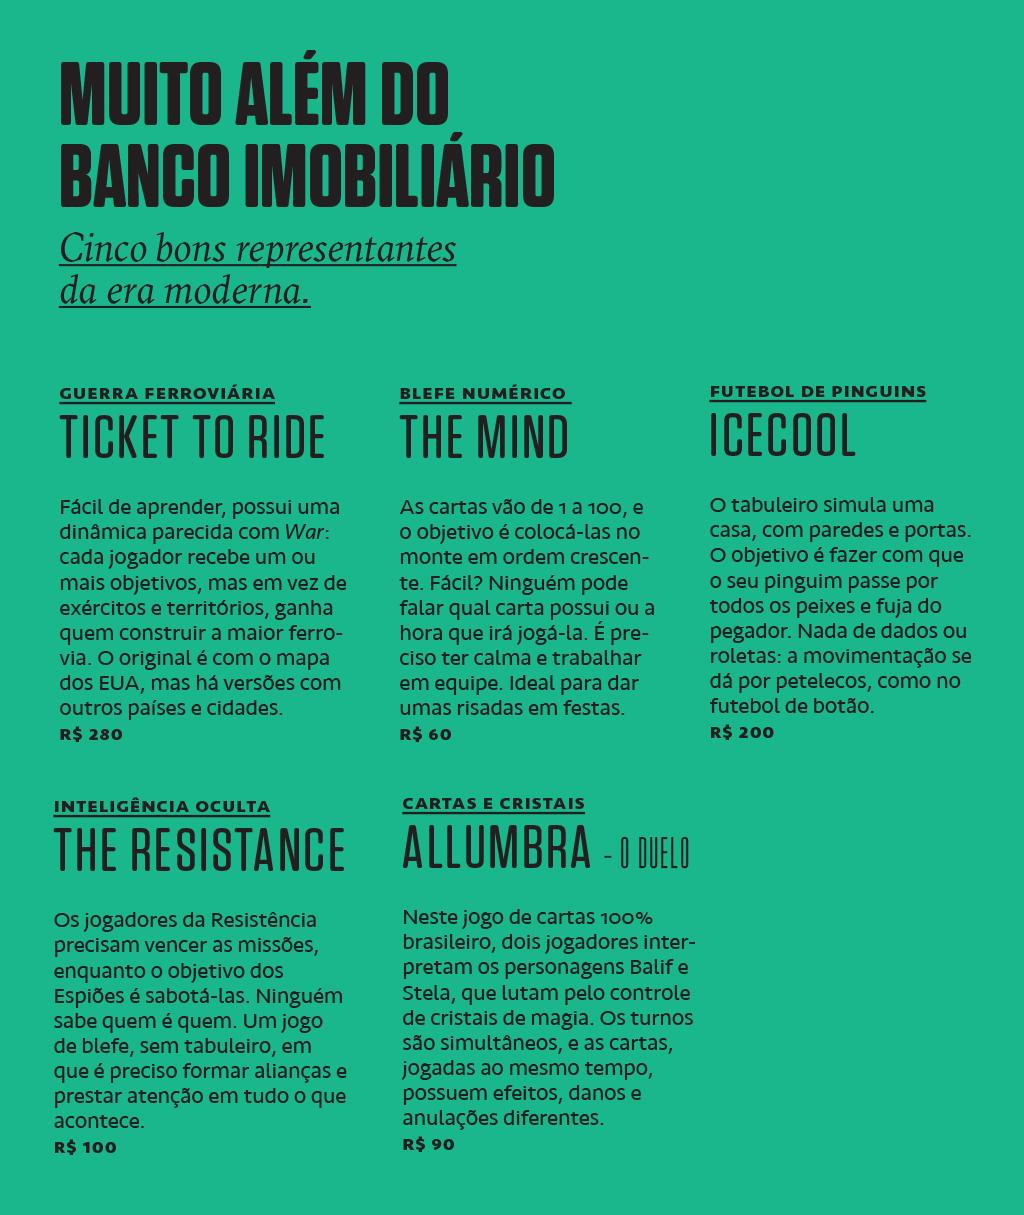 Cinco bons representantes da era moderna dos jogos de tabuleiro: Ticket to Ride, The Mind, Icecool, The Resistance e Allumbra – o Duelo.